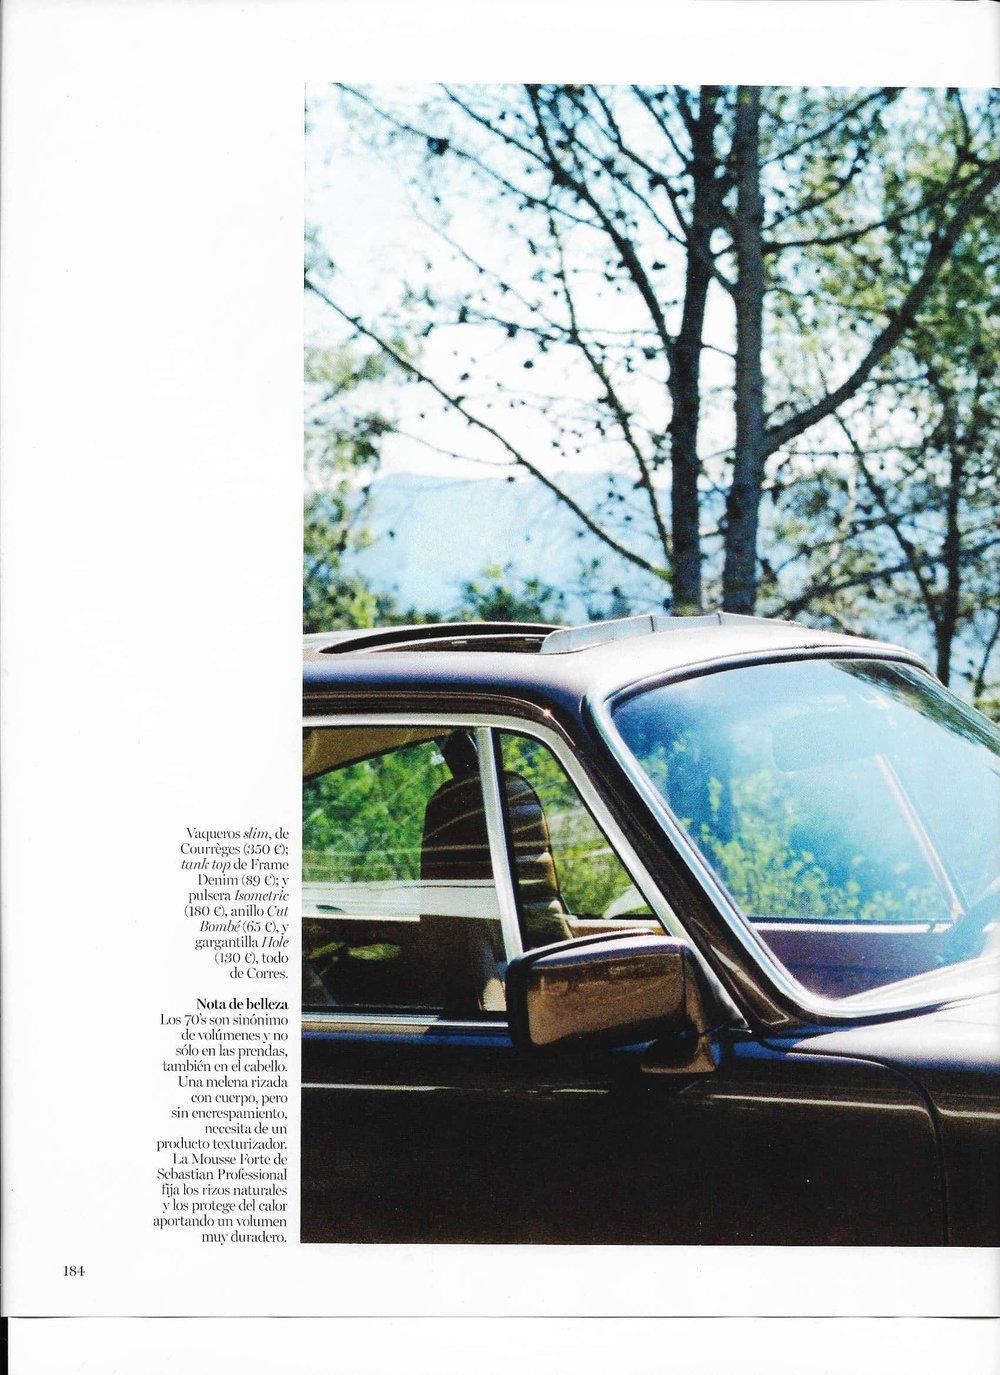 Vogue Mayo 2016 6.jpg